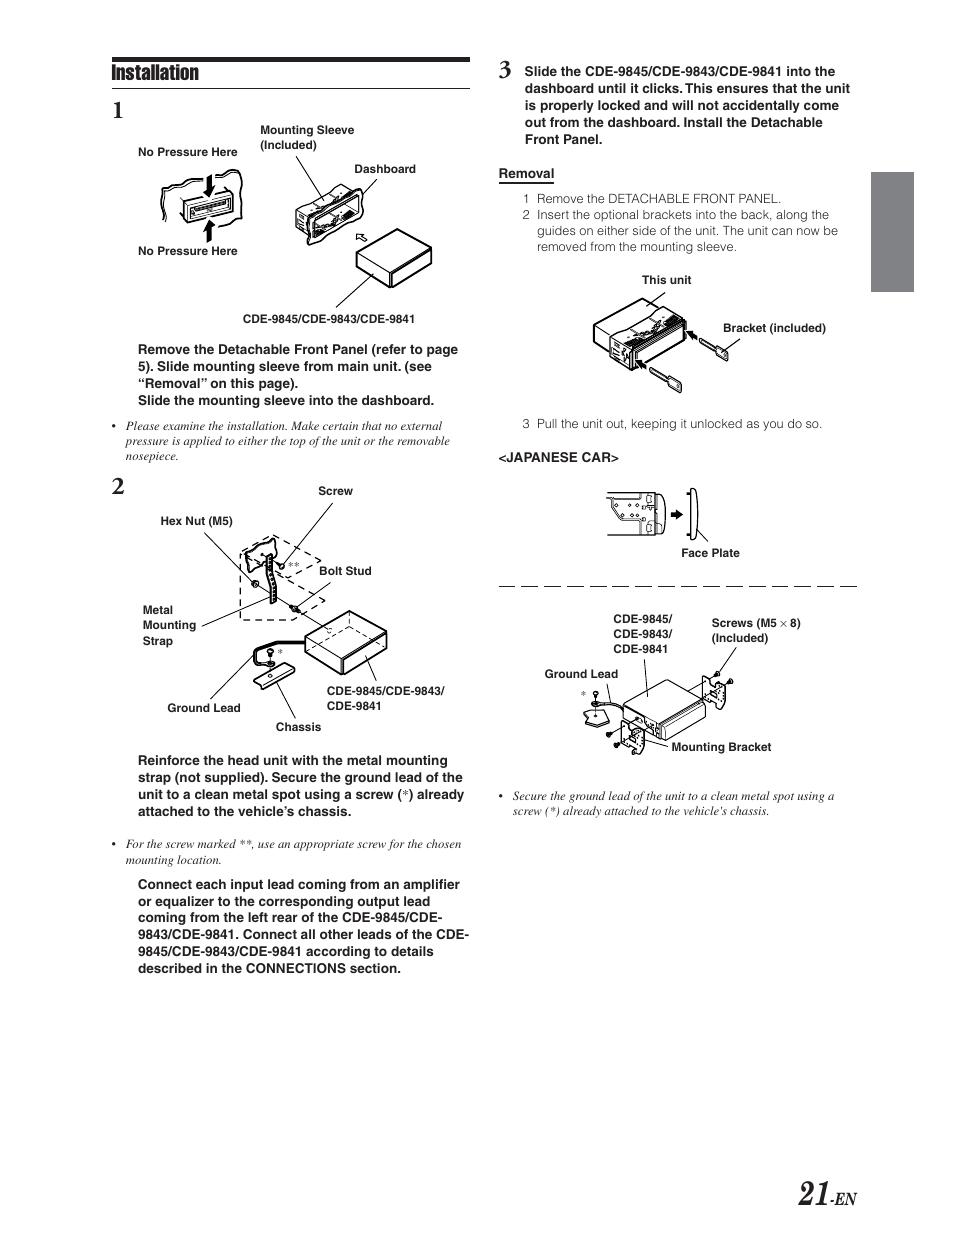 installation removal installation alpine cde 9841 user manual rh manualsdir com